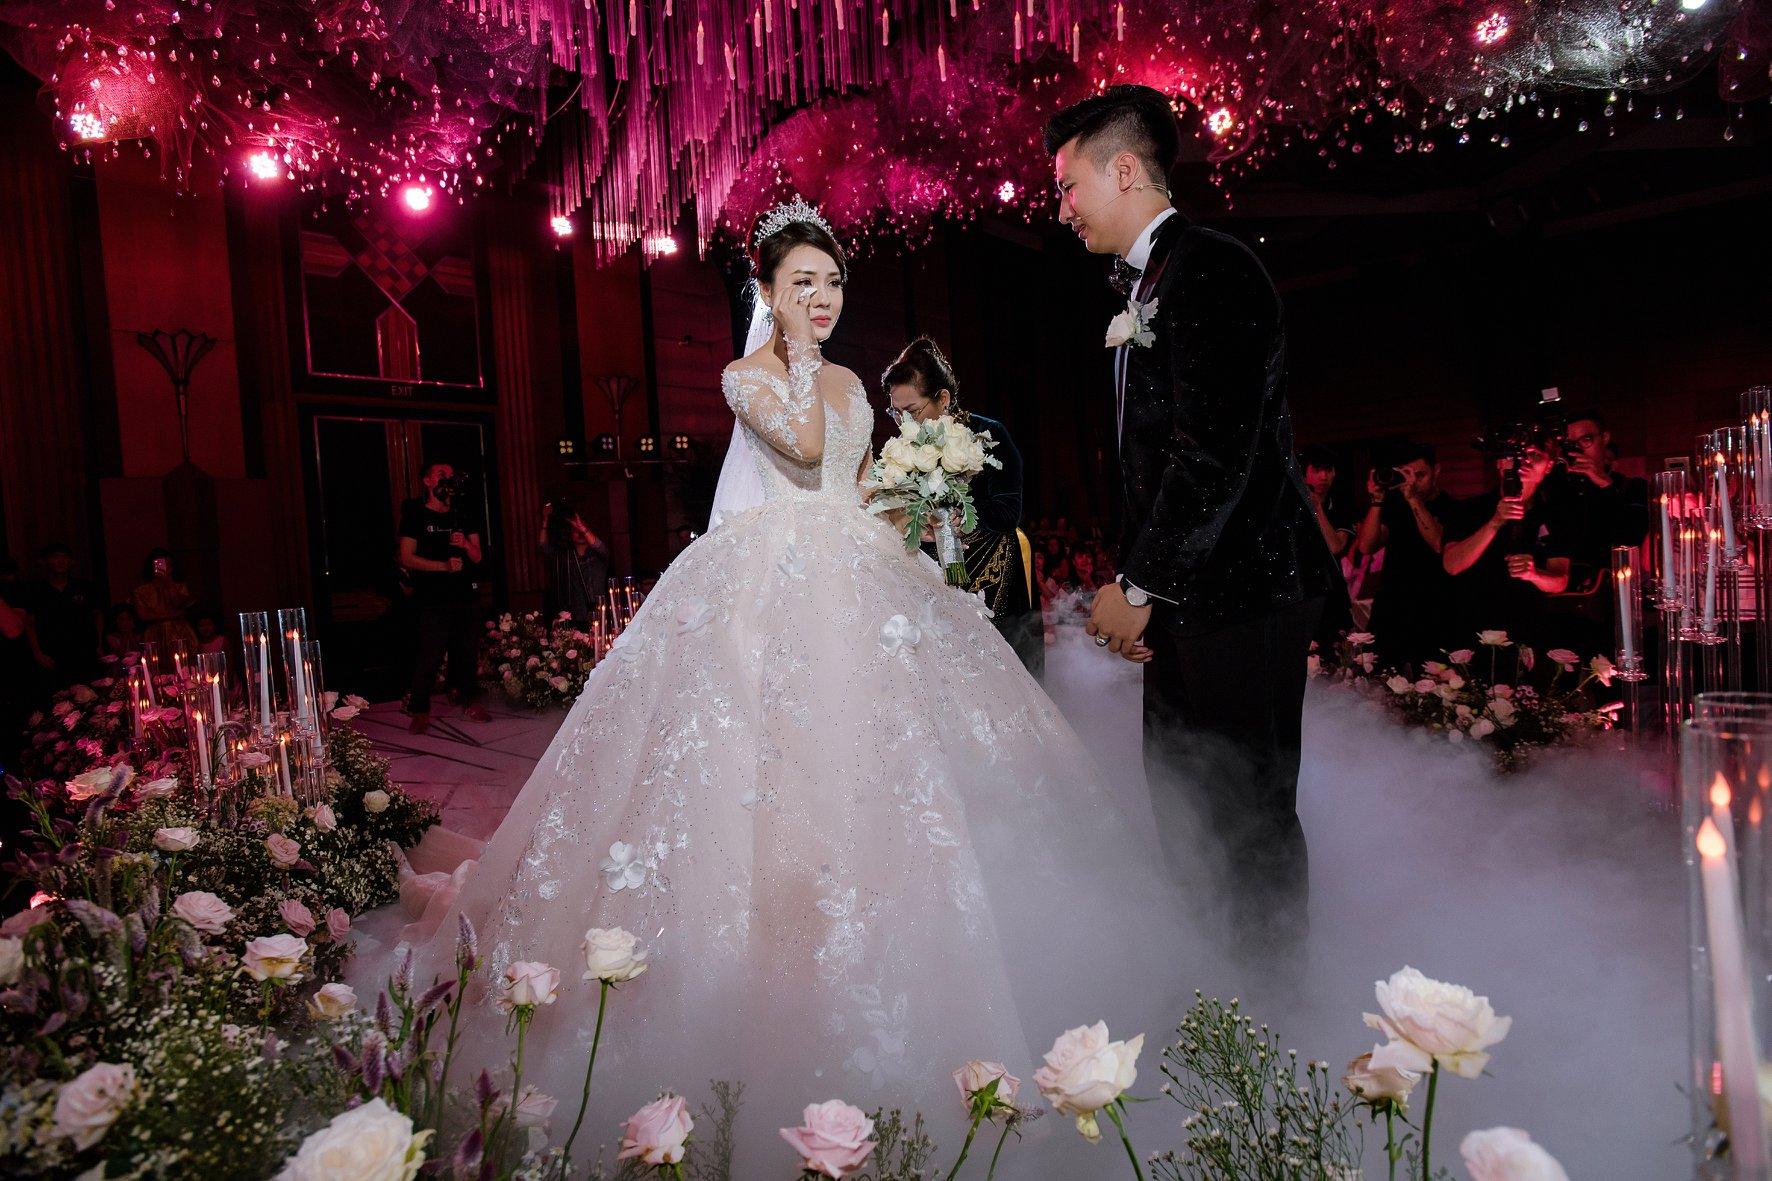 Trước khi bị phụ bạc, Âu Hà My từng sang như bà hoàng khi diện 3 mẫu váy cưới đính kim cương giá 1 tỉ đồng trong đám cưới cổ tích - Ảnh 6.